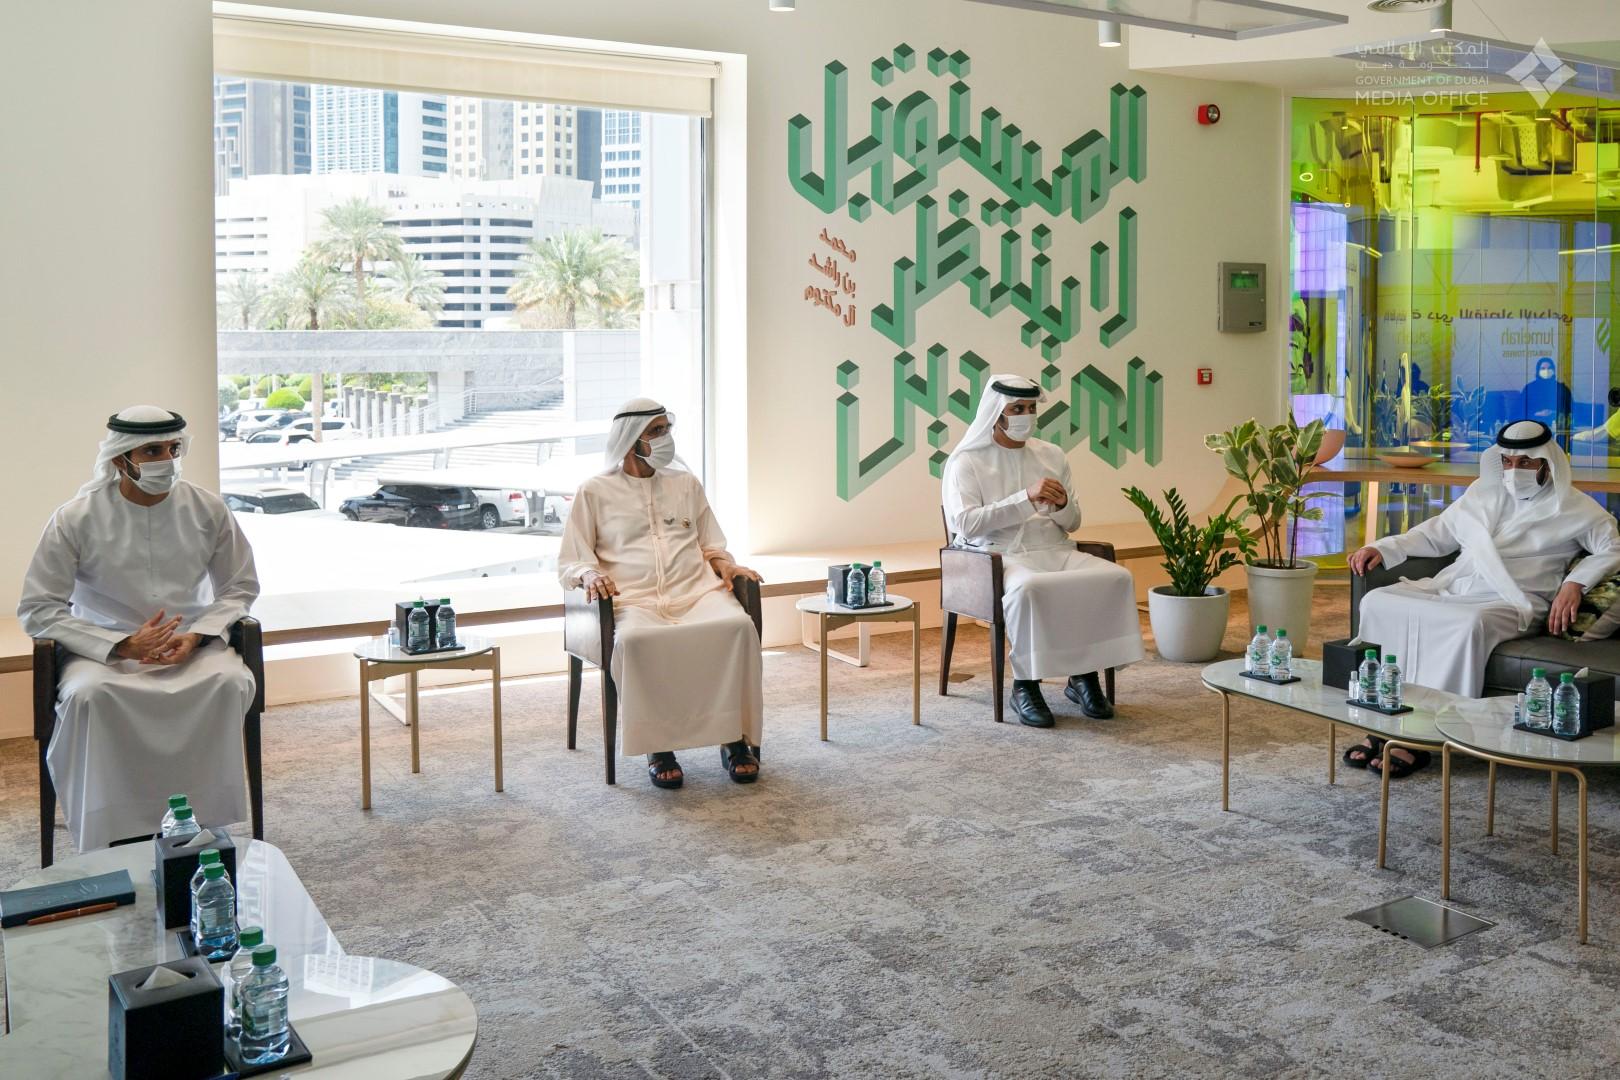 محمد بن راشد يطلق برنامجاً استراتيجياً لتحويل دبي إلى عاصمة للاقتصاد الإبداعي في العالم